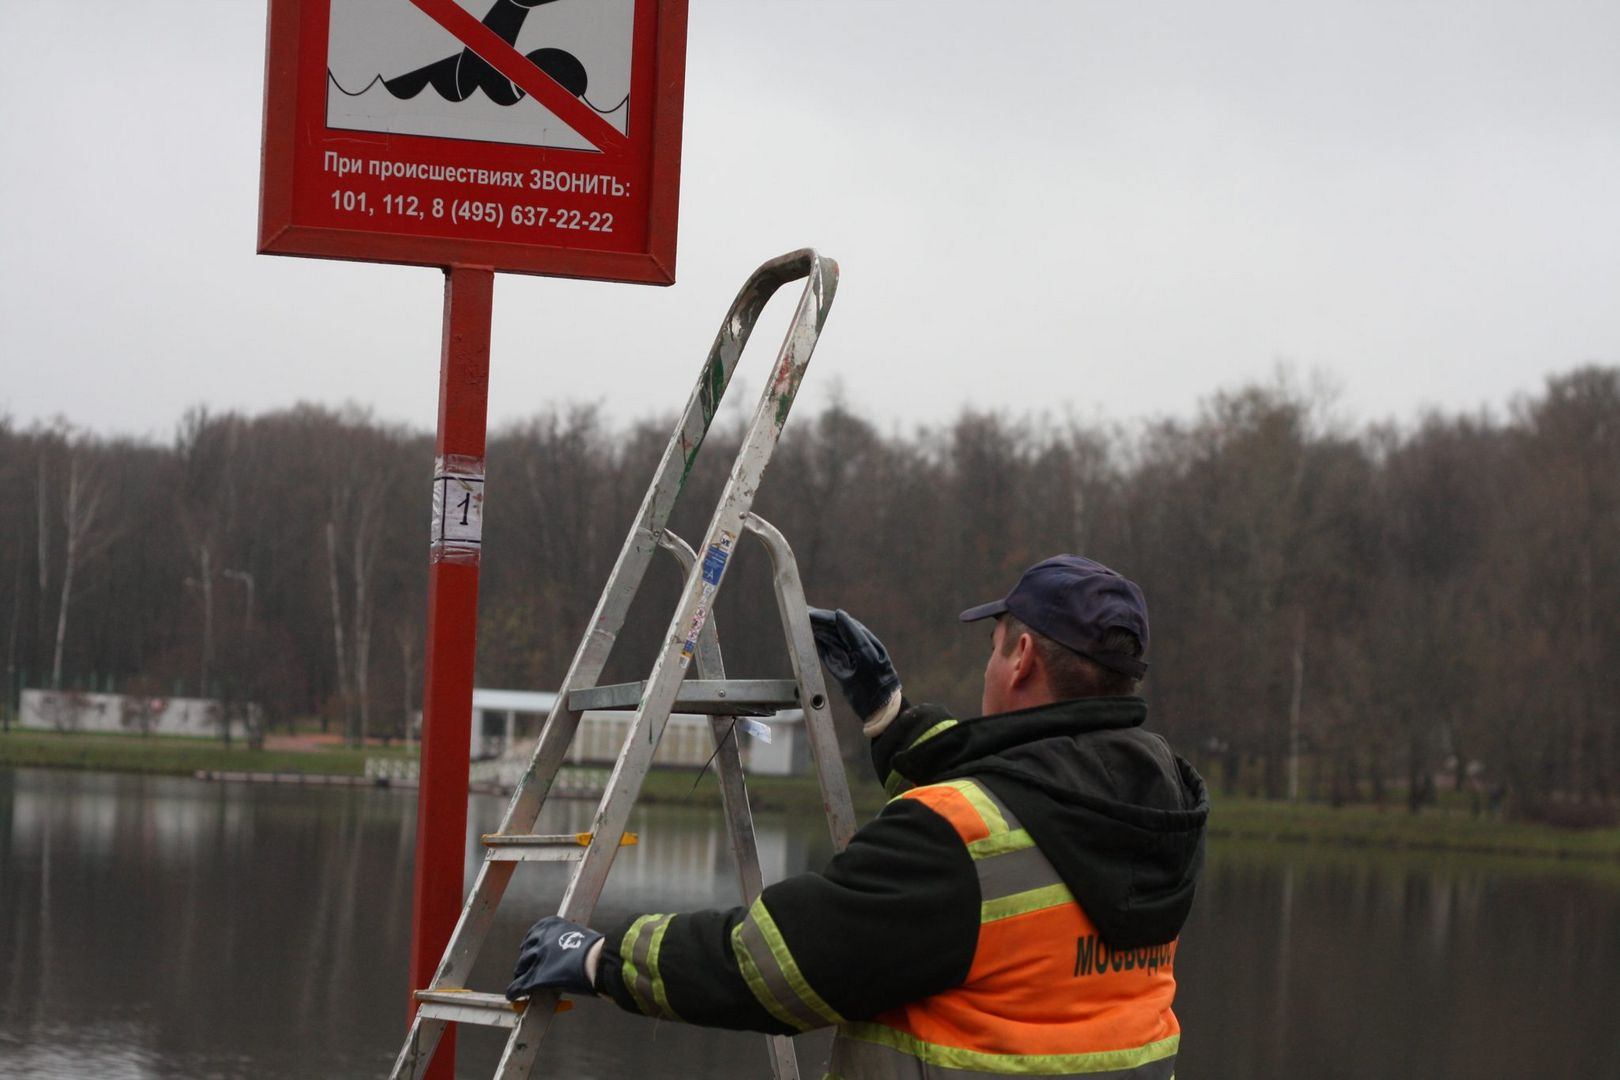 выход на лед запрещен, знак безопасности, рабочий, стремянка